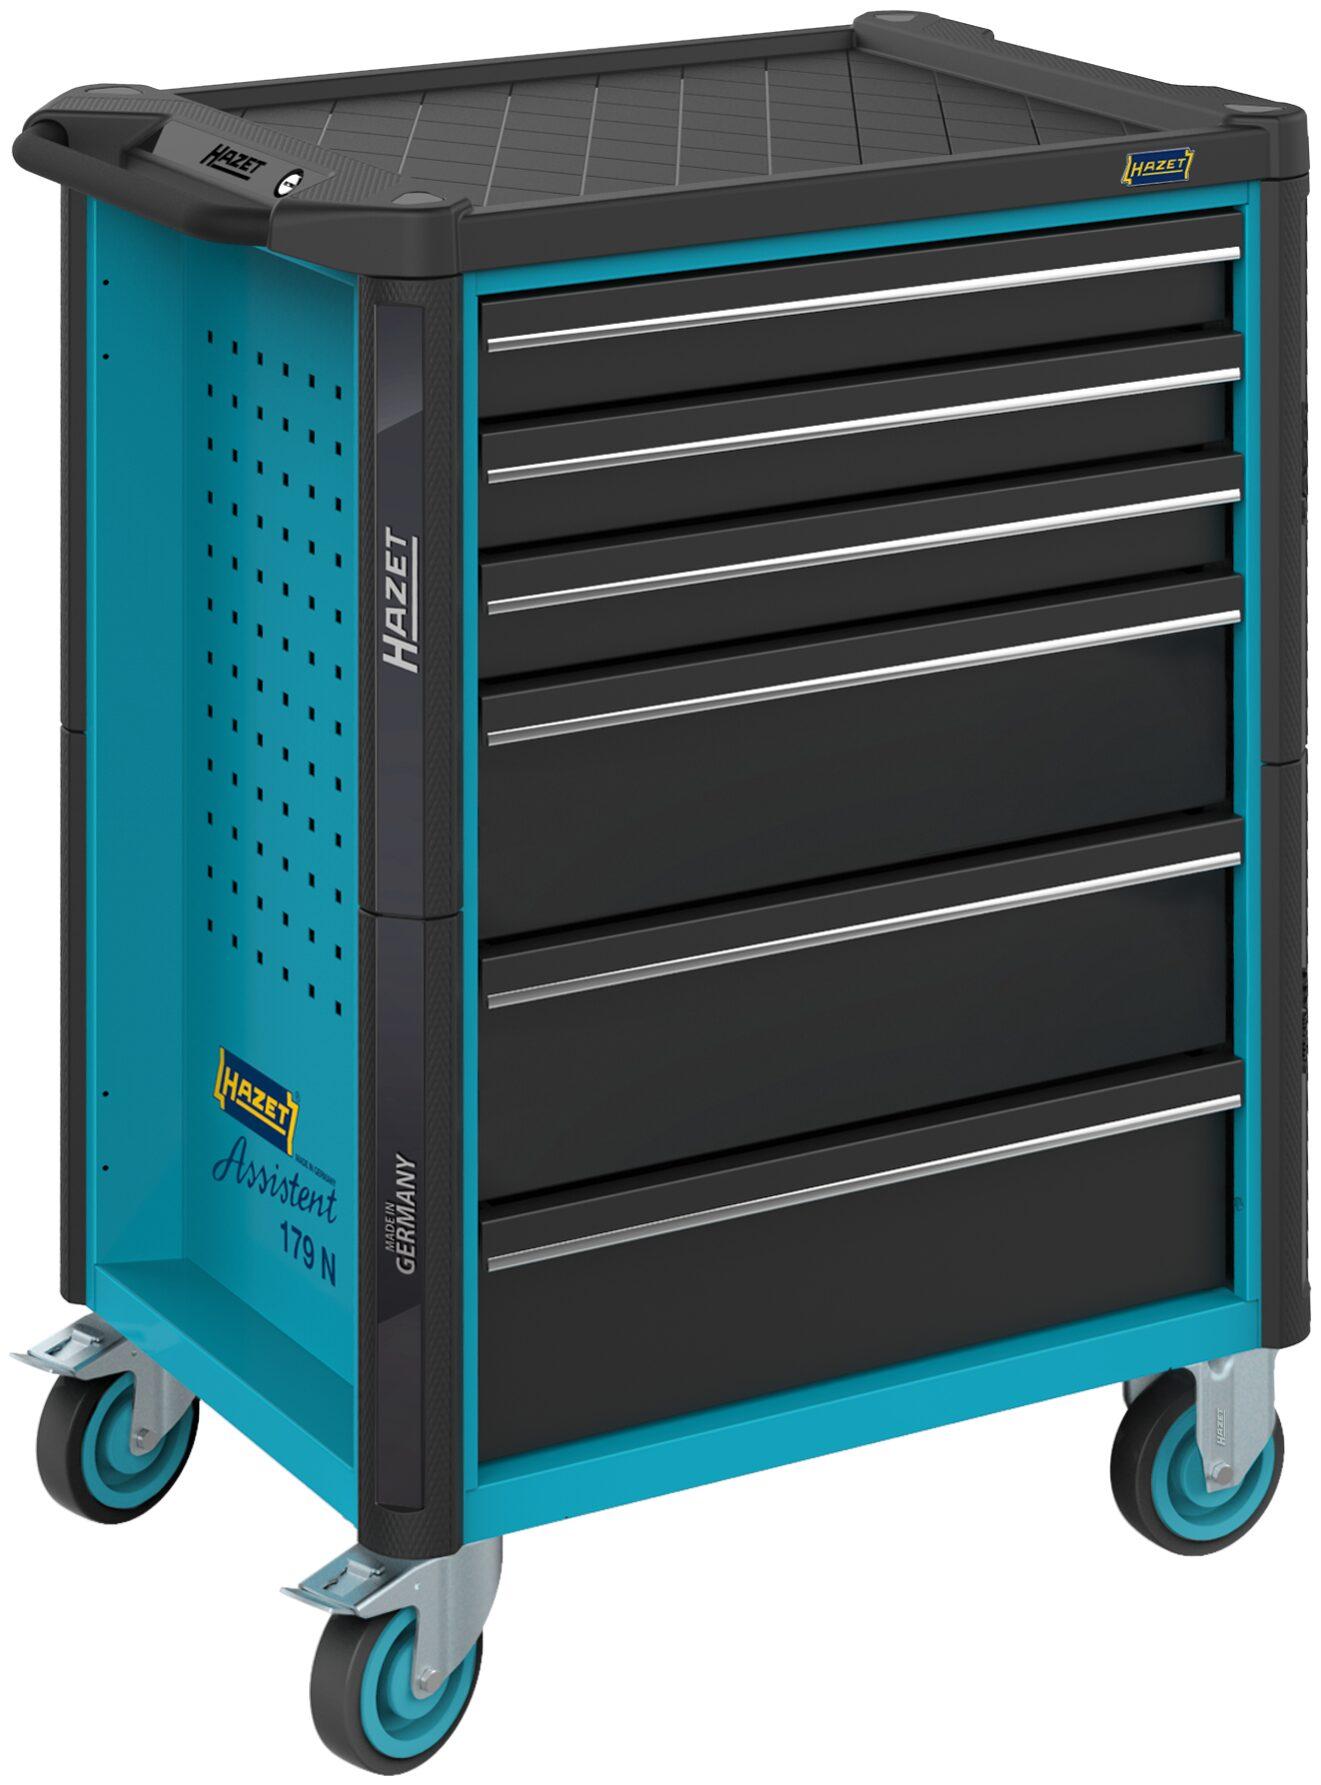 HAZET Werkstattwagen Assistent 179N-6 ∙ Schubladen, flach: 3x 81x522x398 mm